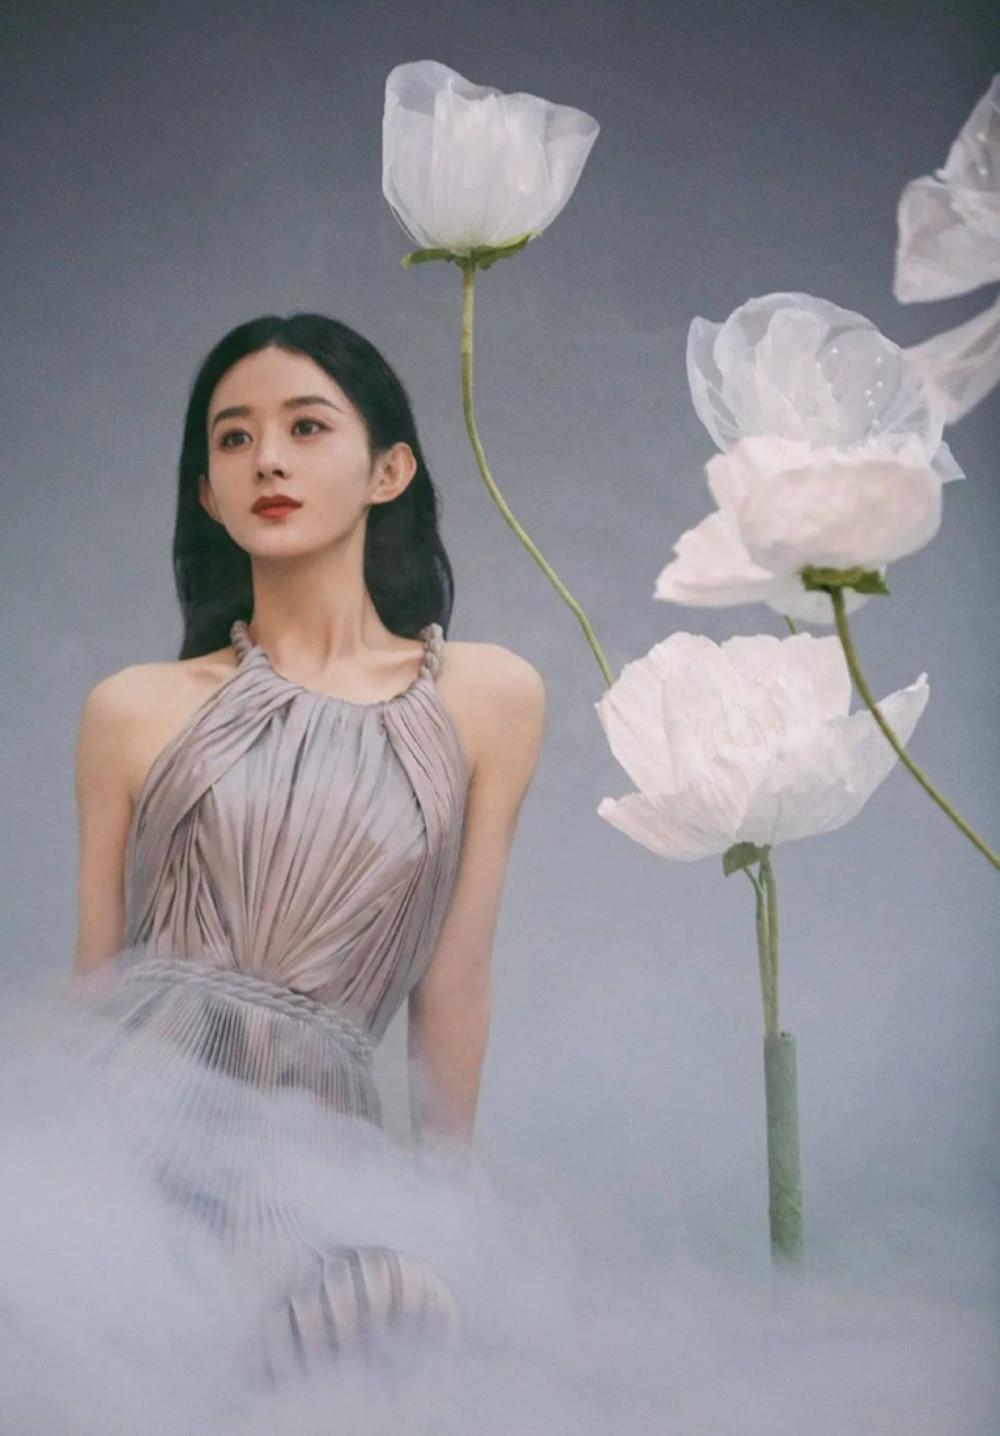 Kết hôn xong có nhiều thay đổi: Phùng Thiệu Phong trông như cha của nữ chính trong loạt ảnh hậu trường Ảnh 12